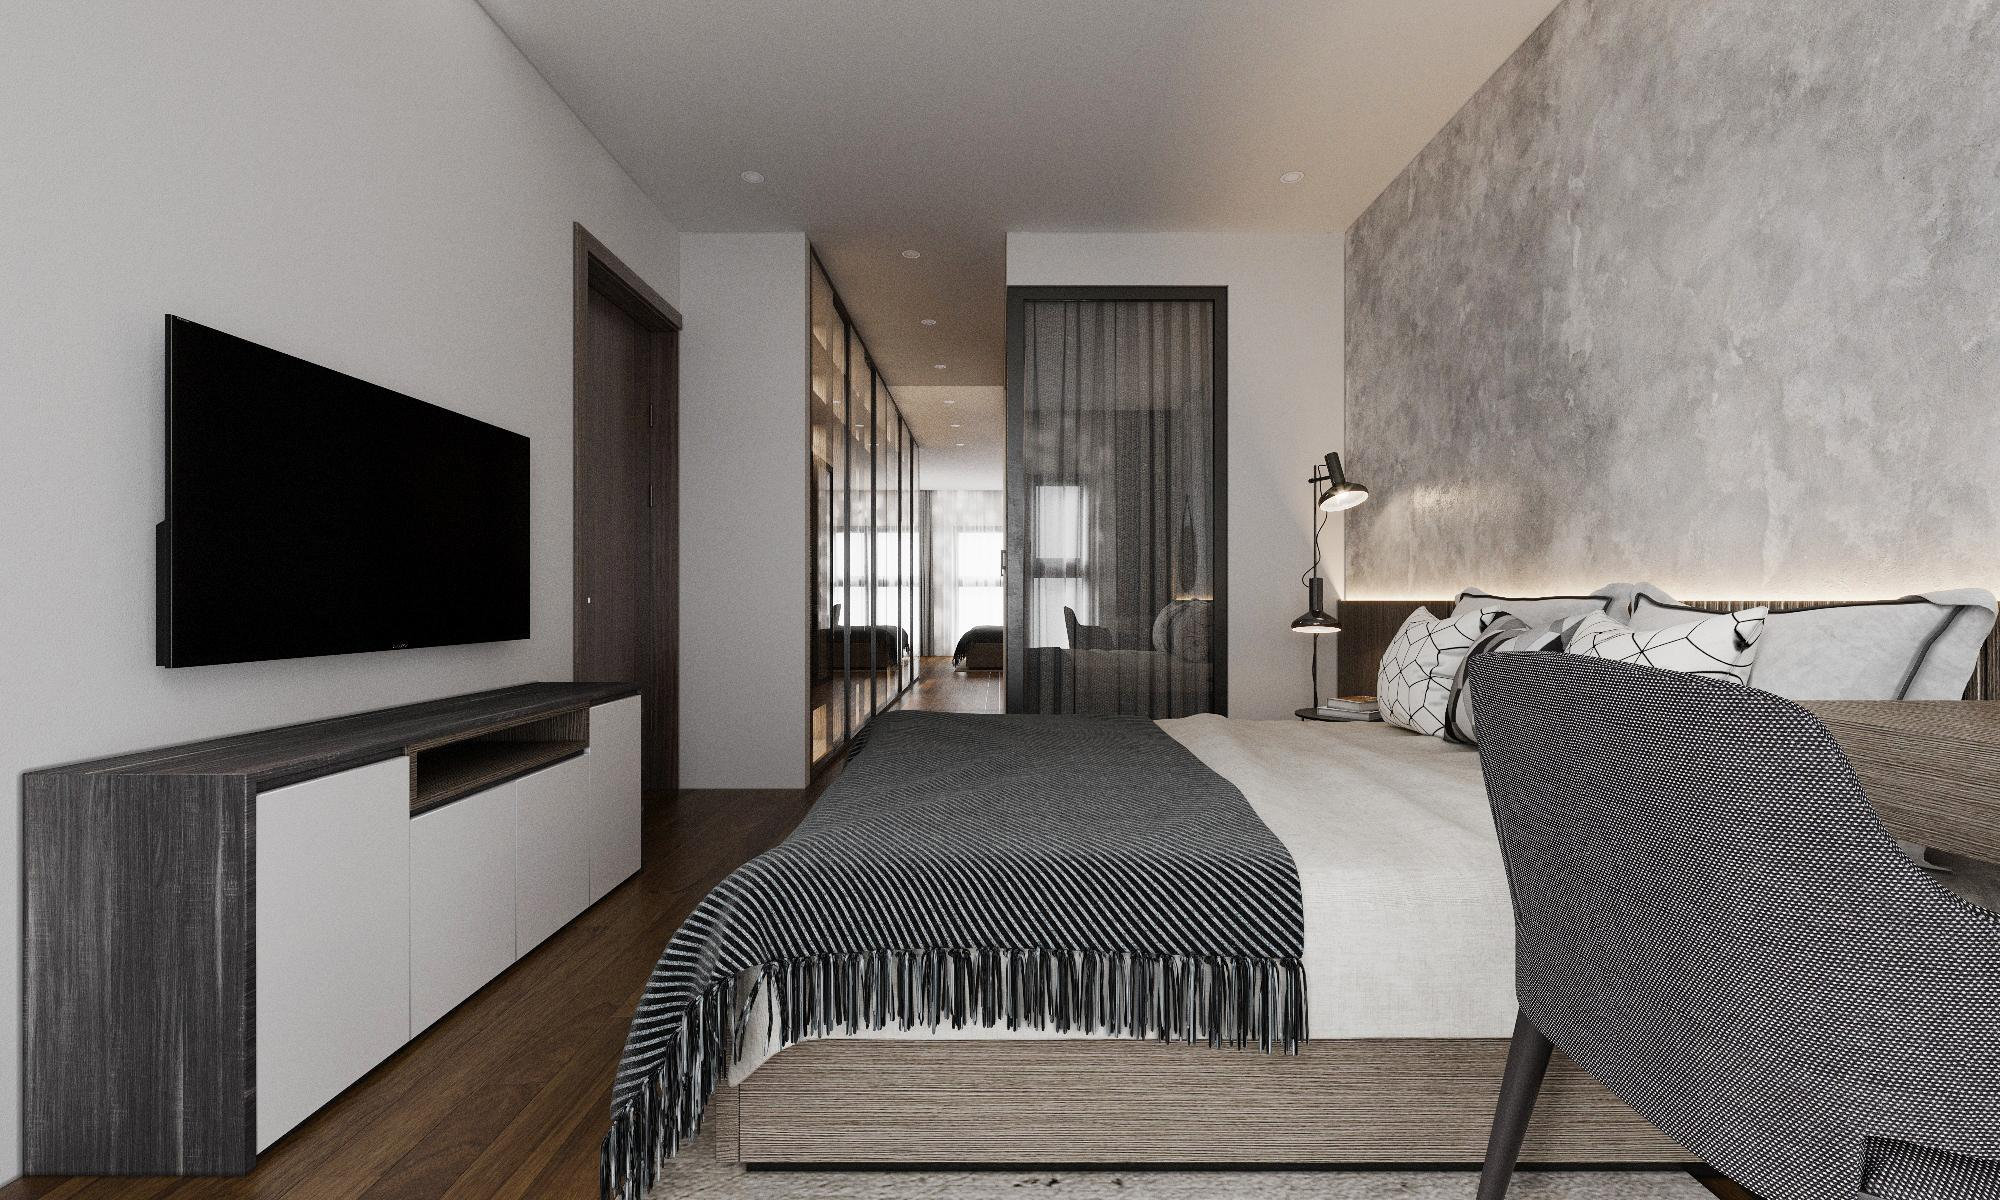 Thiết kế nội thất Chung Cư tại Hà Nội CHỊ GIANG 1593604988 6